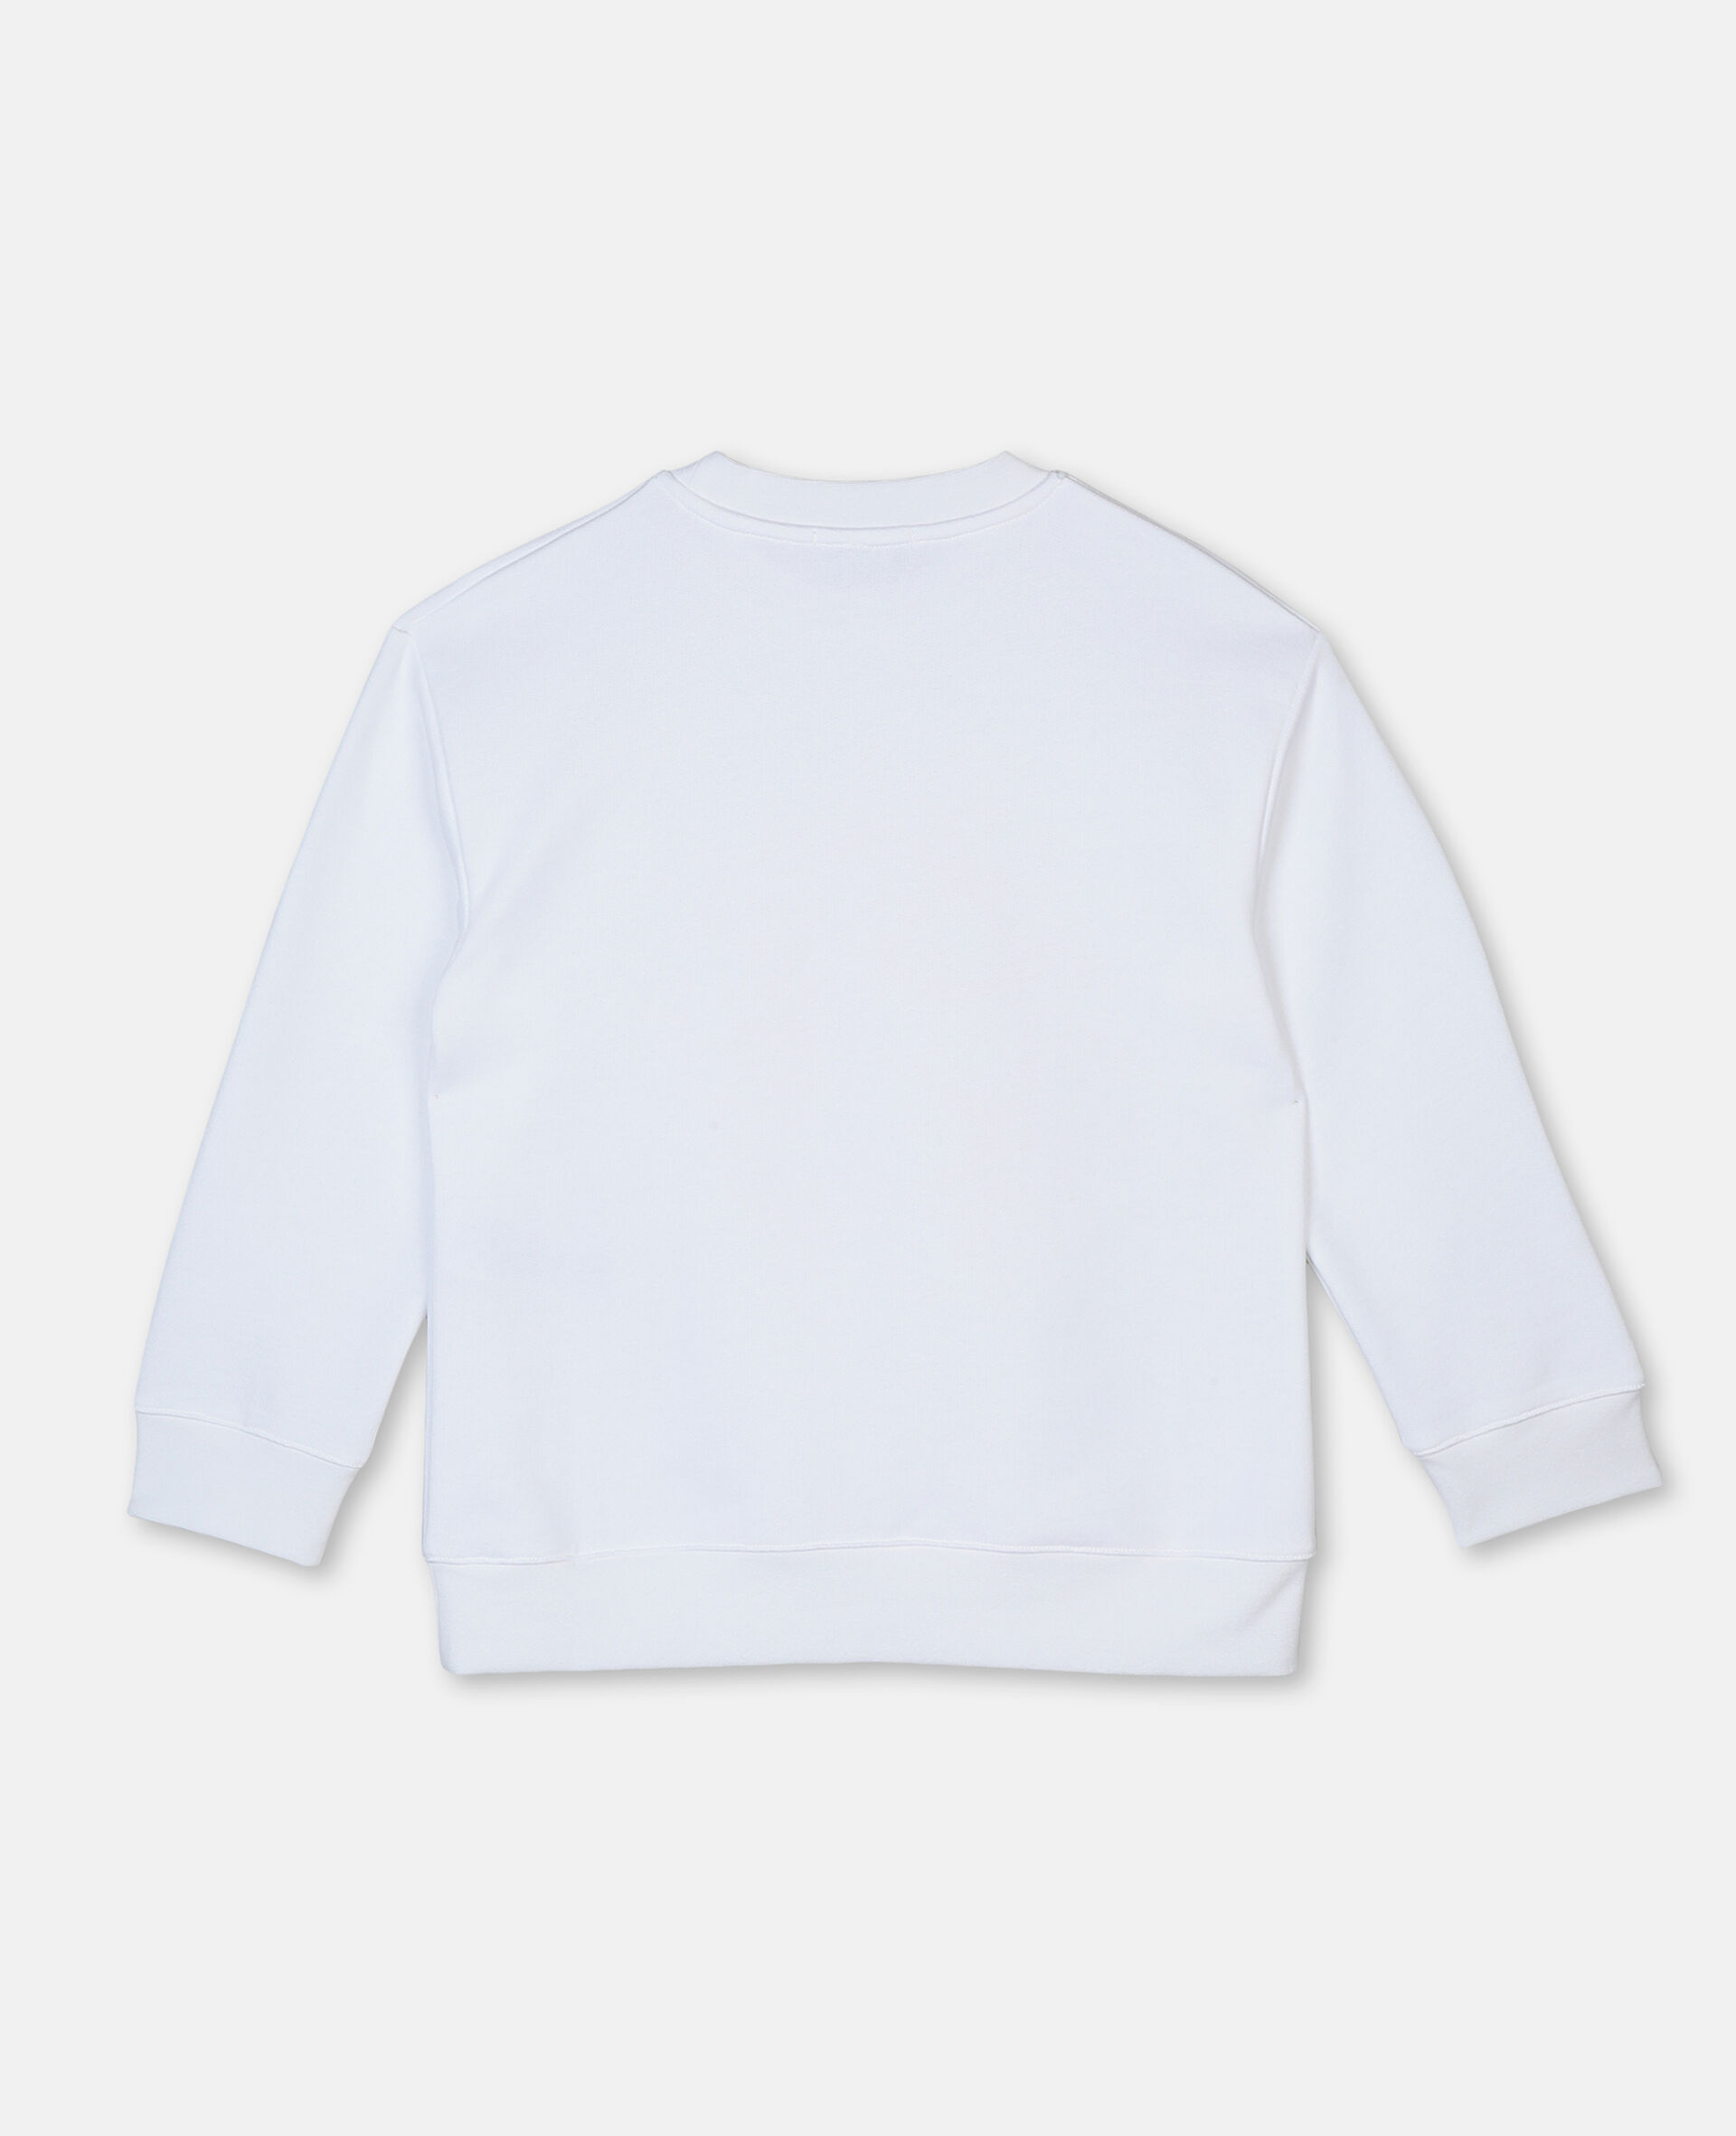 Oversize Basketball Cotton Sweatshirt -White-large image number 3